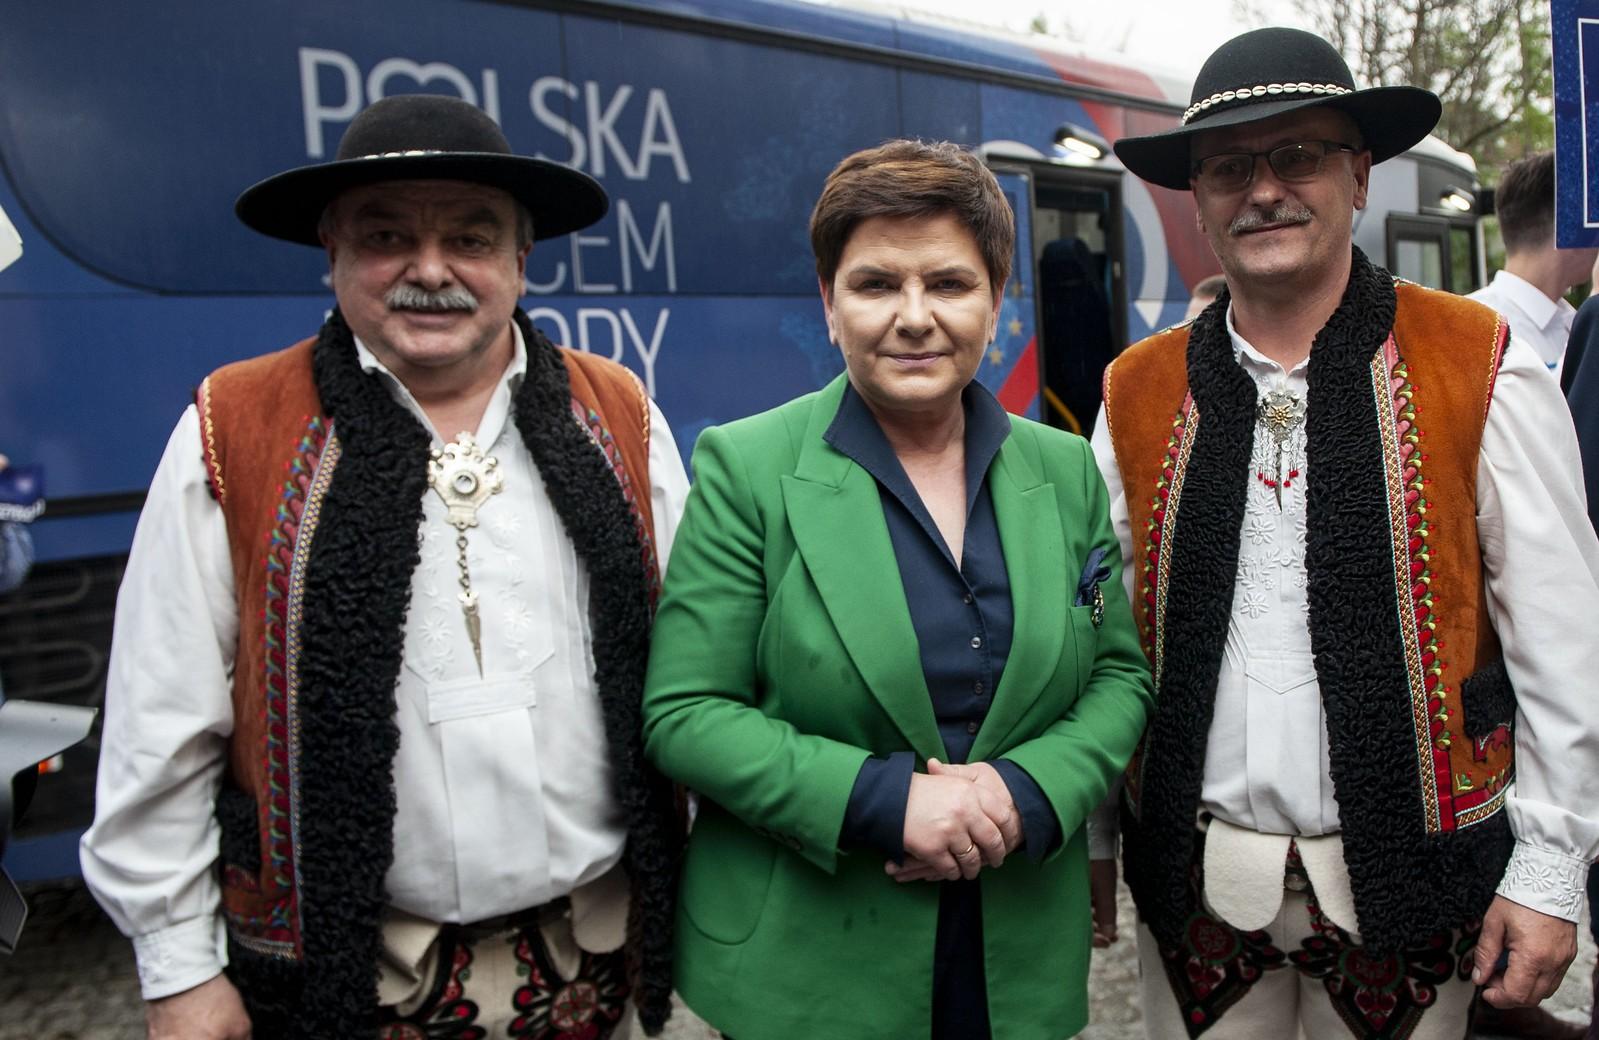 Beata-Szydlo-Zakopane